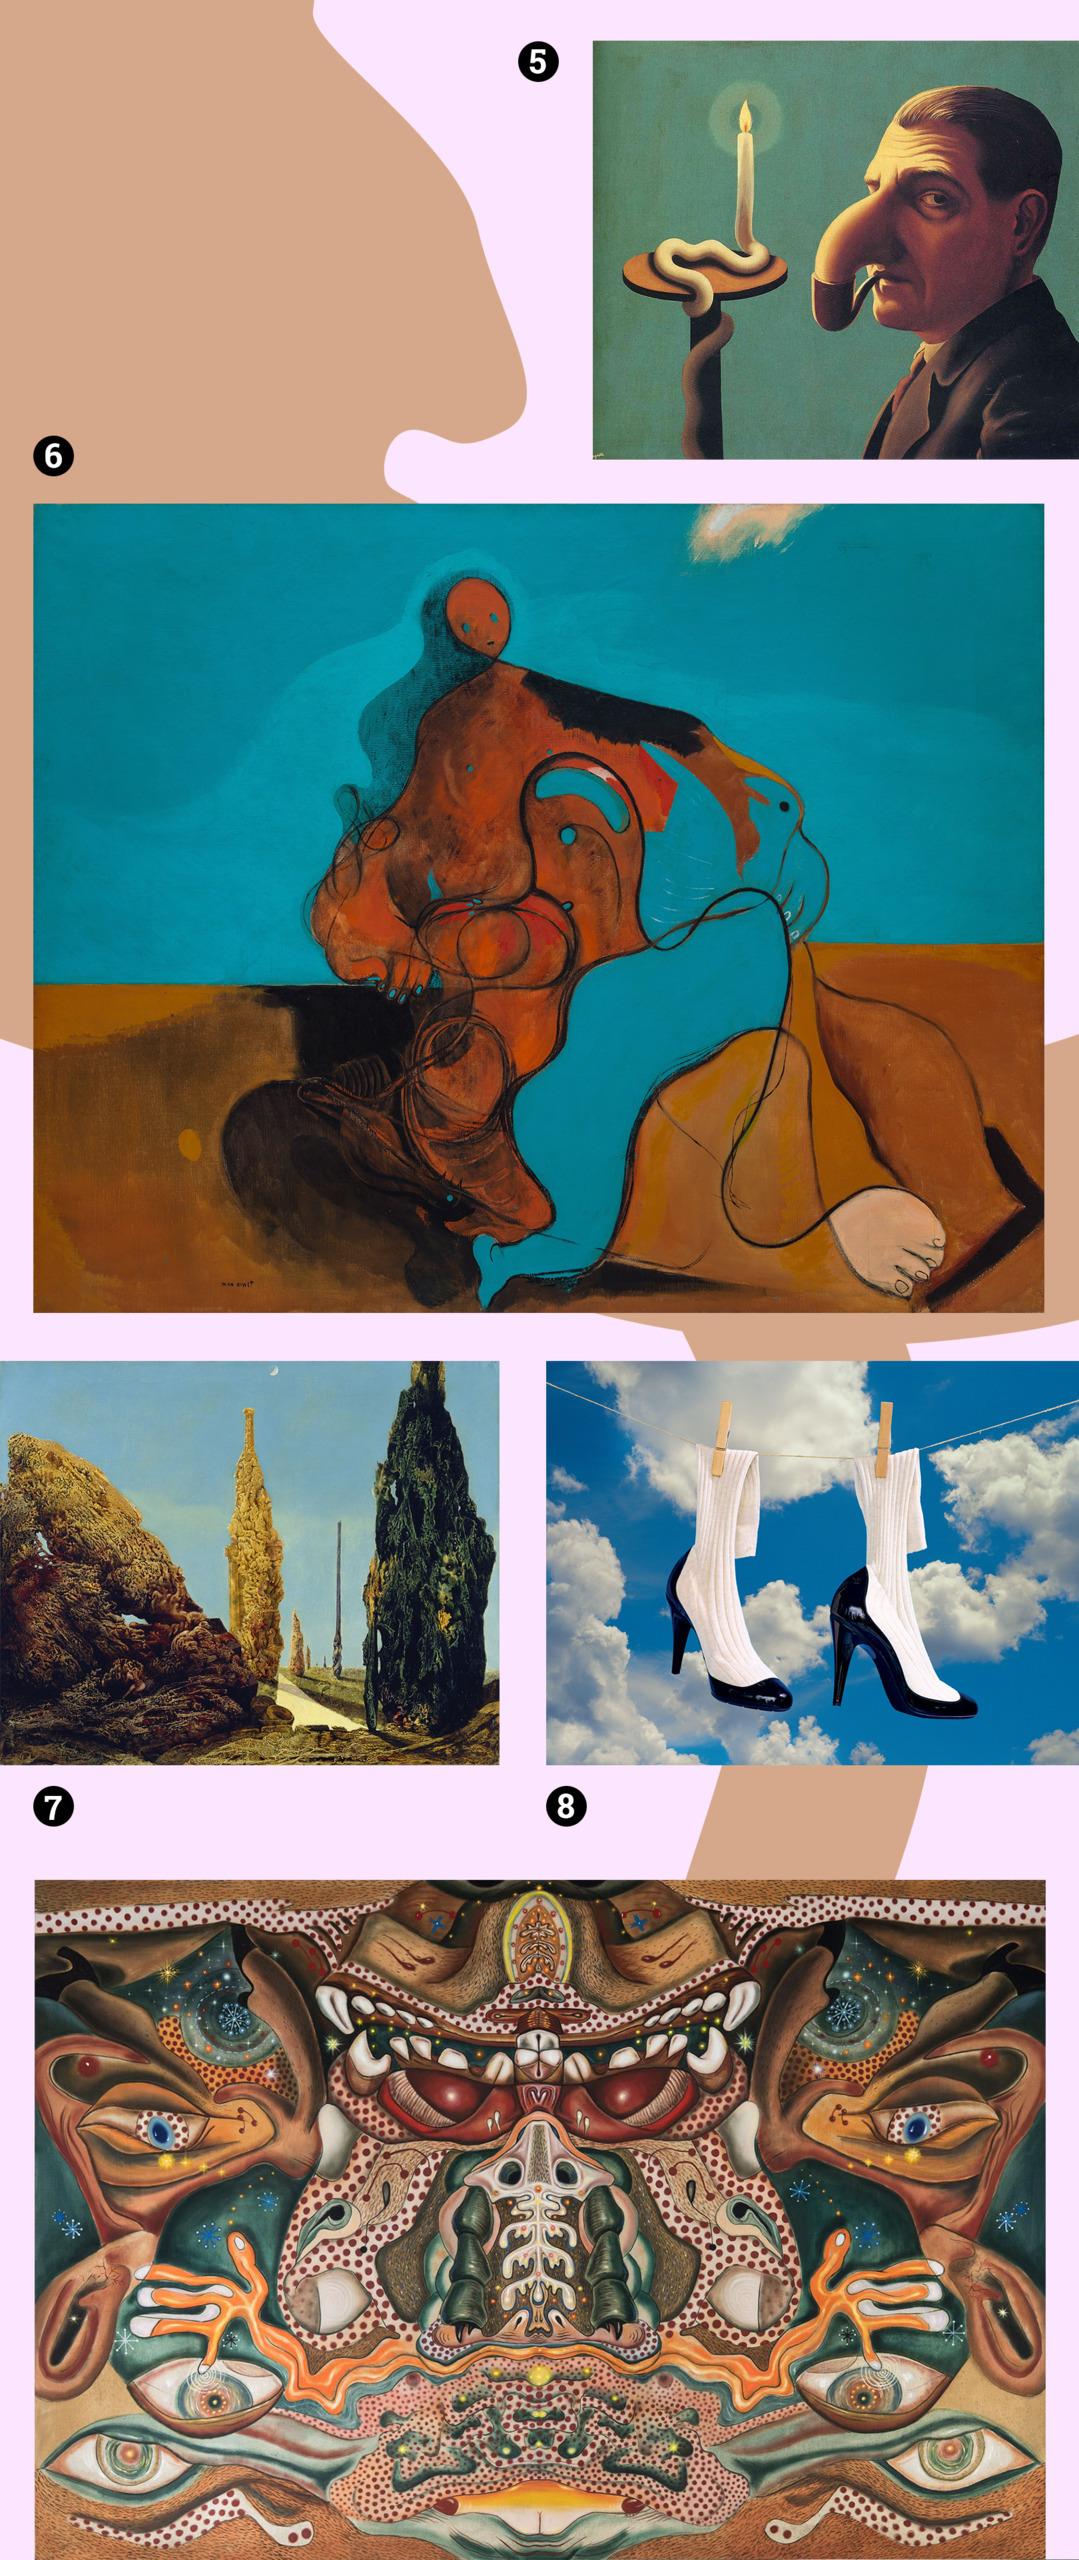 Obraz przedstawia zdjęcia różnych dzieł sztuki na blado-różowym tle.